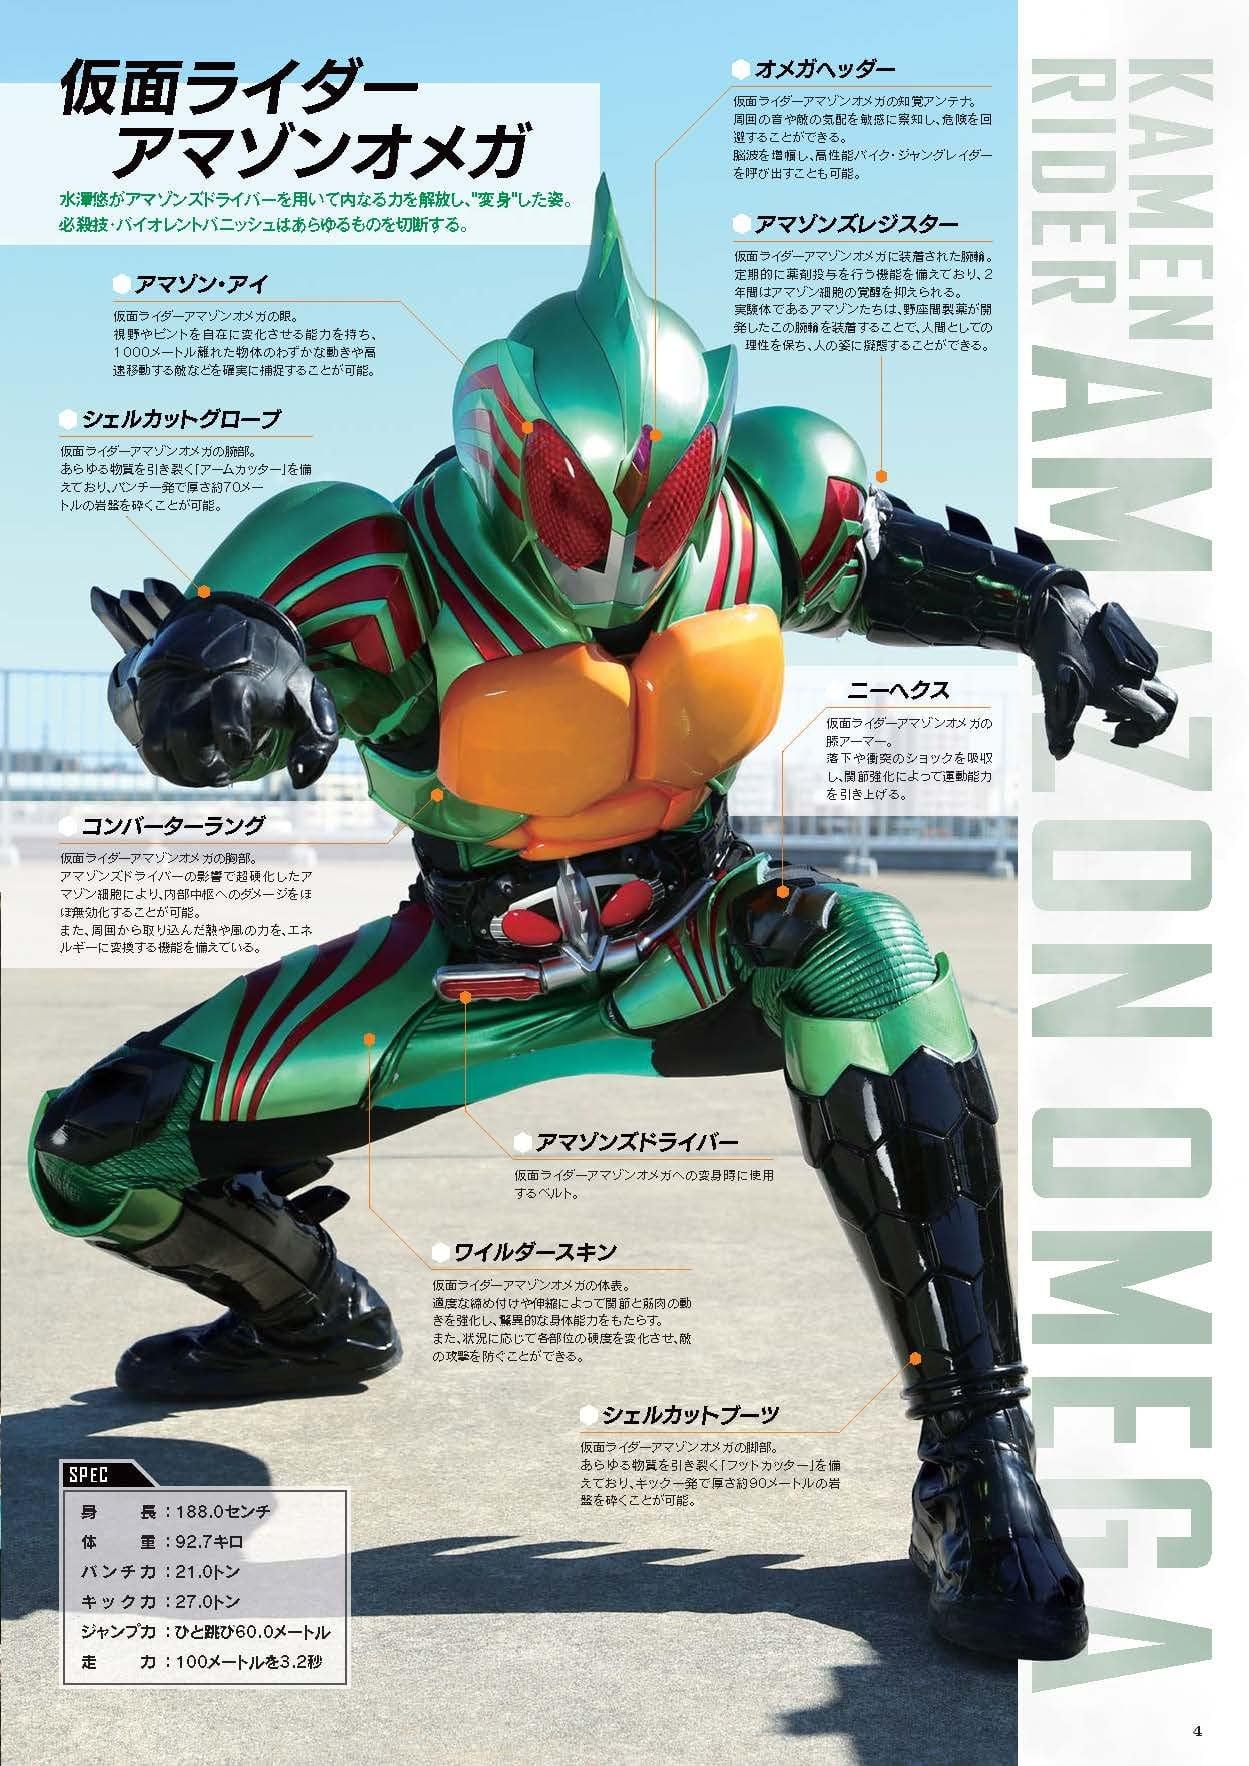 rider1247